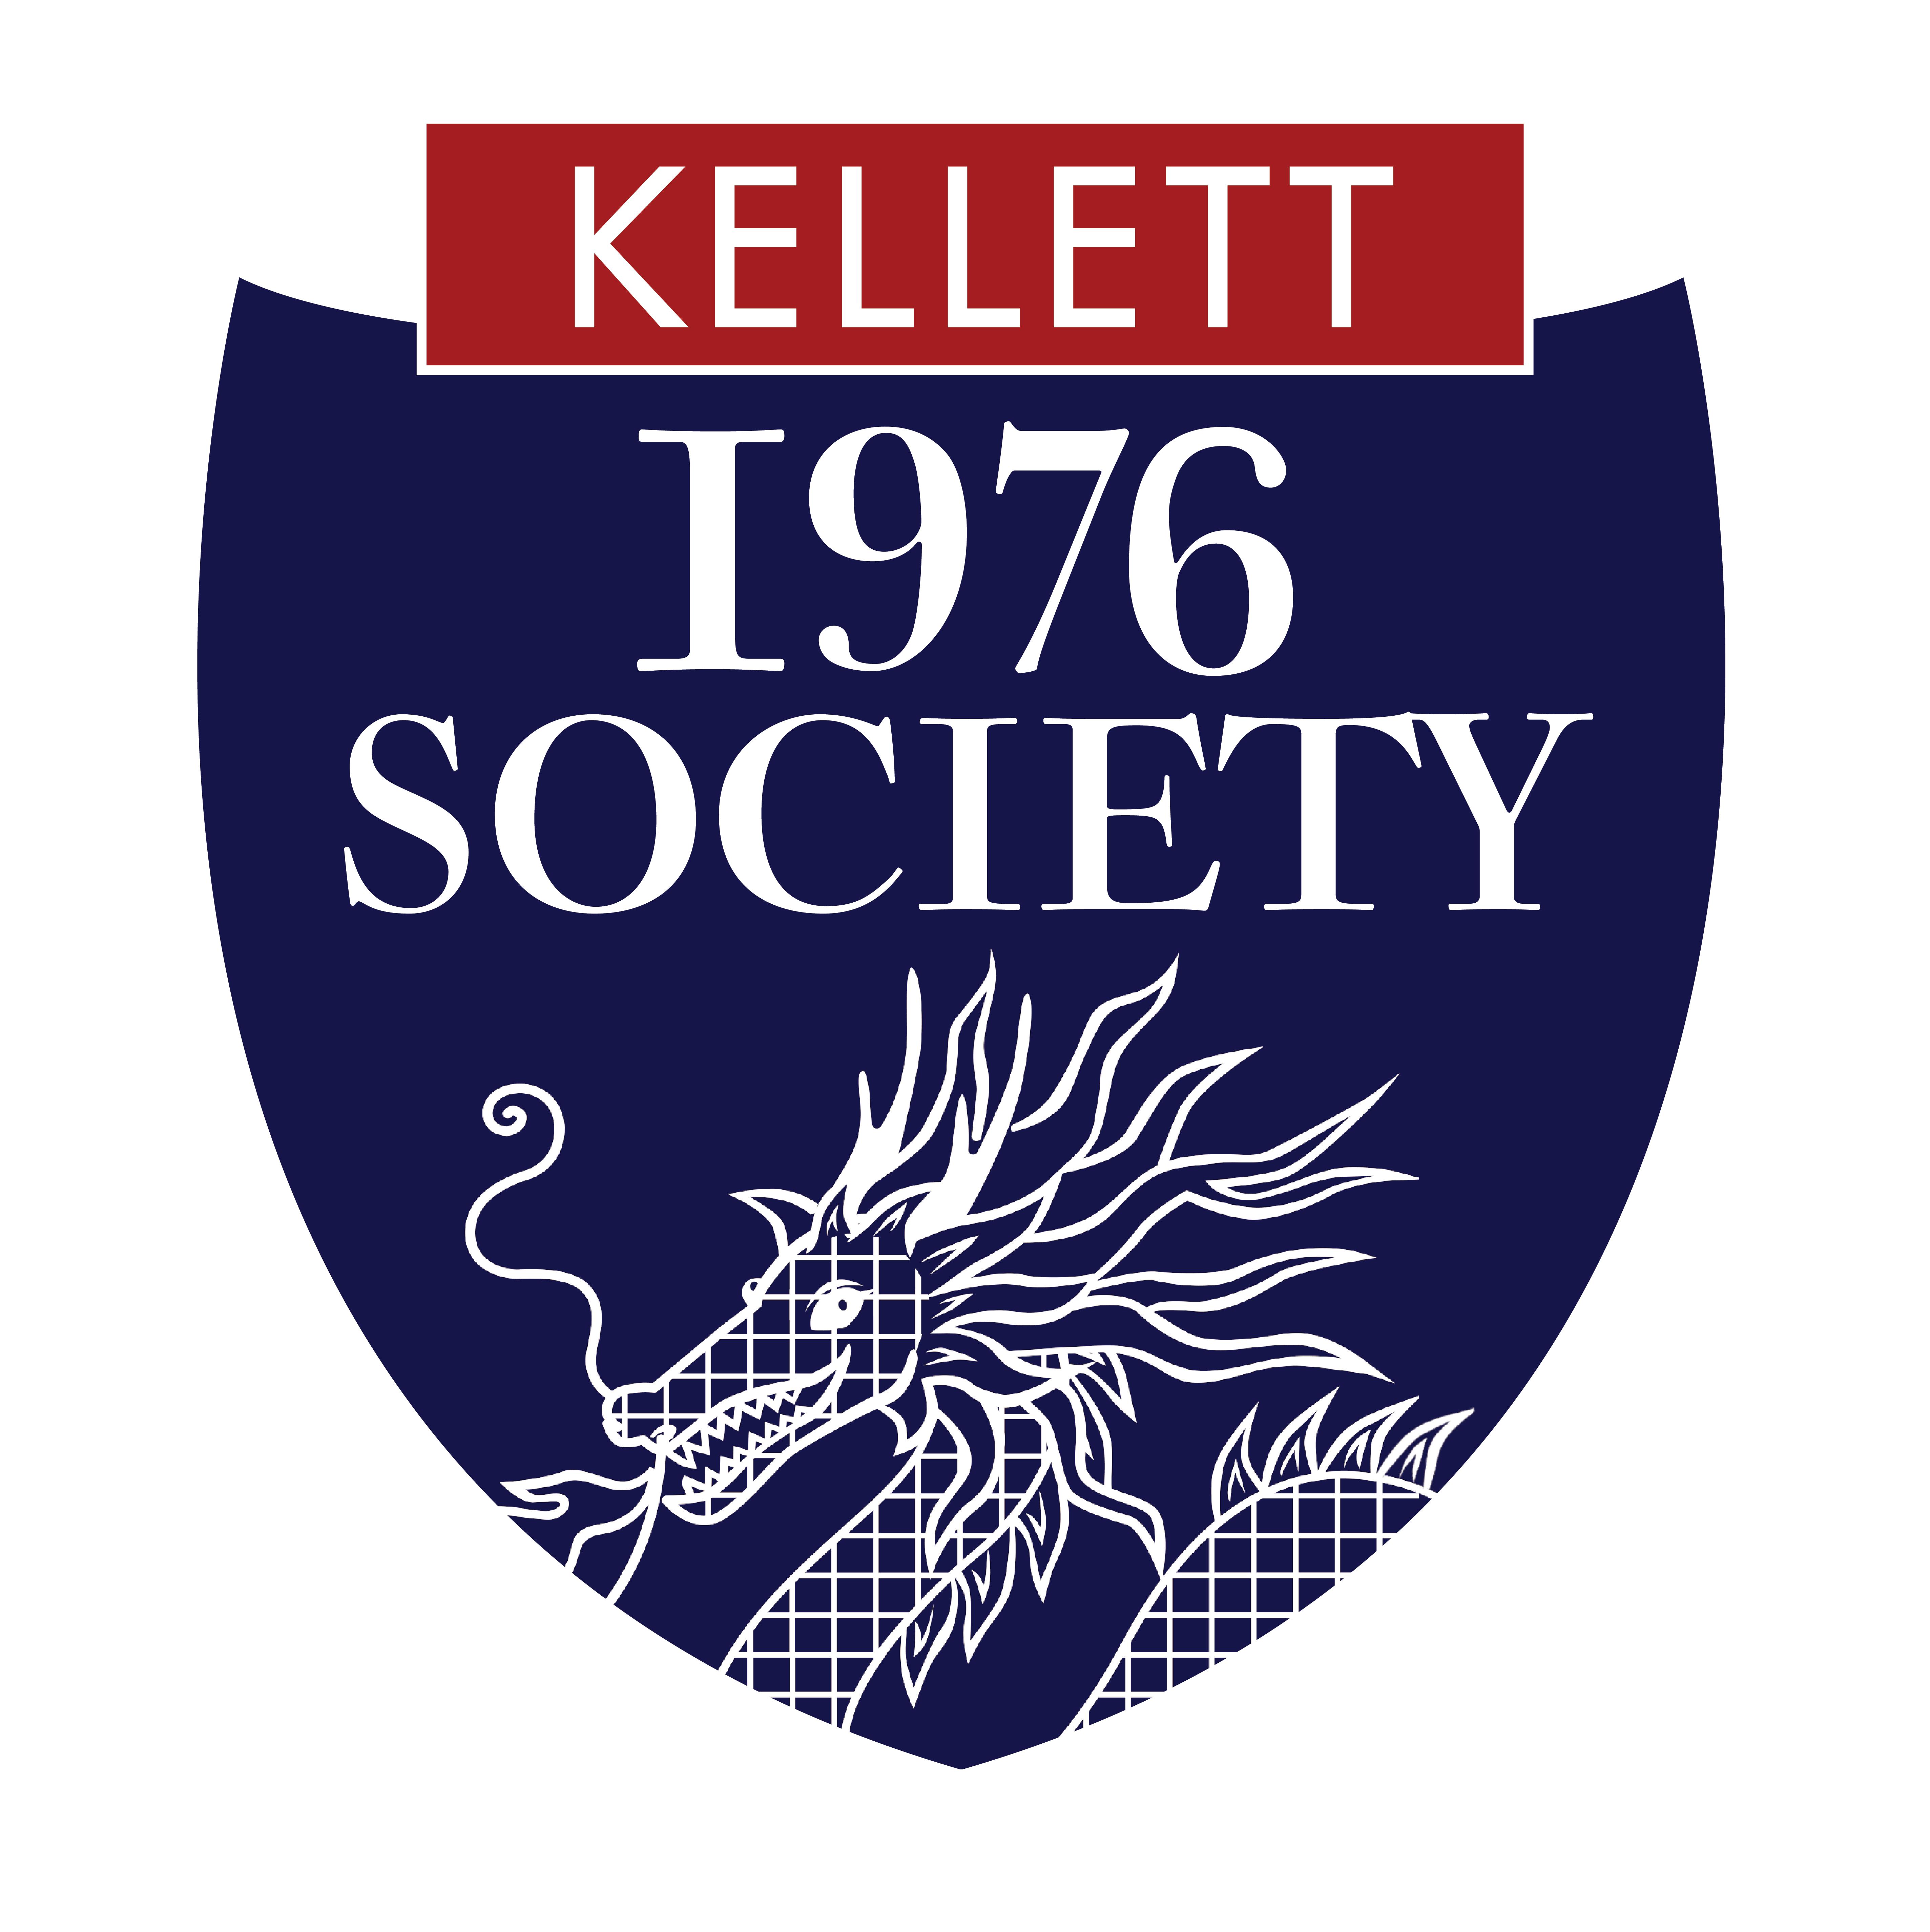 1976 Society